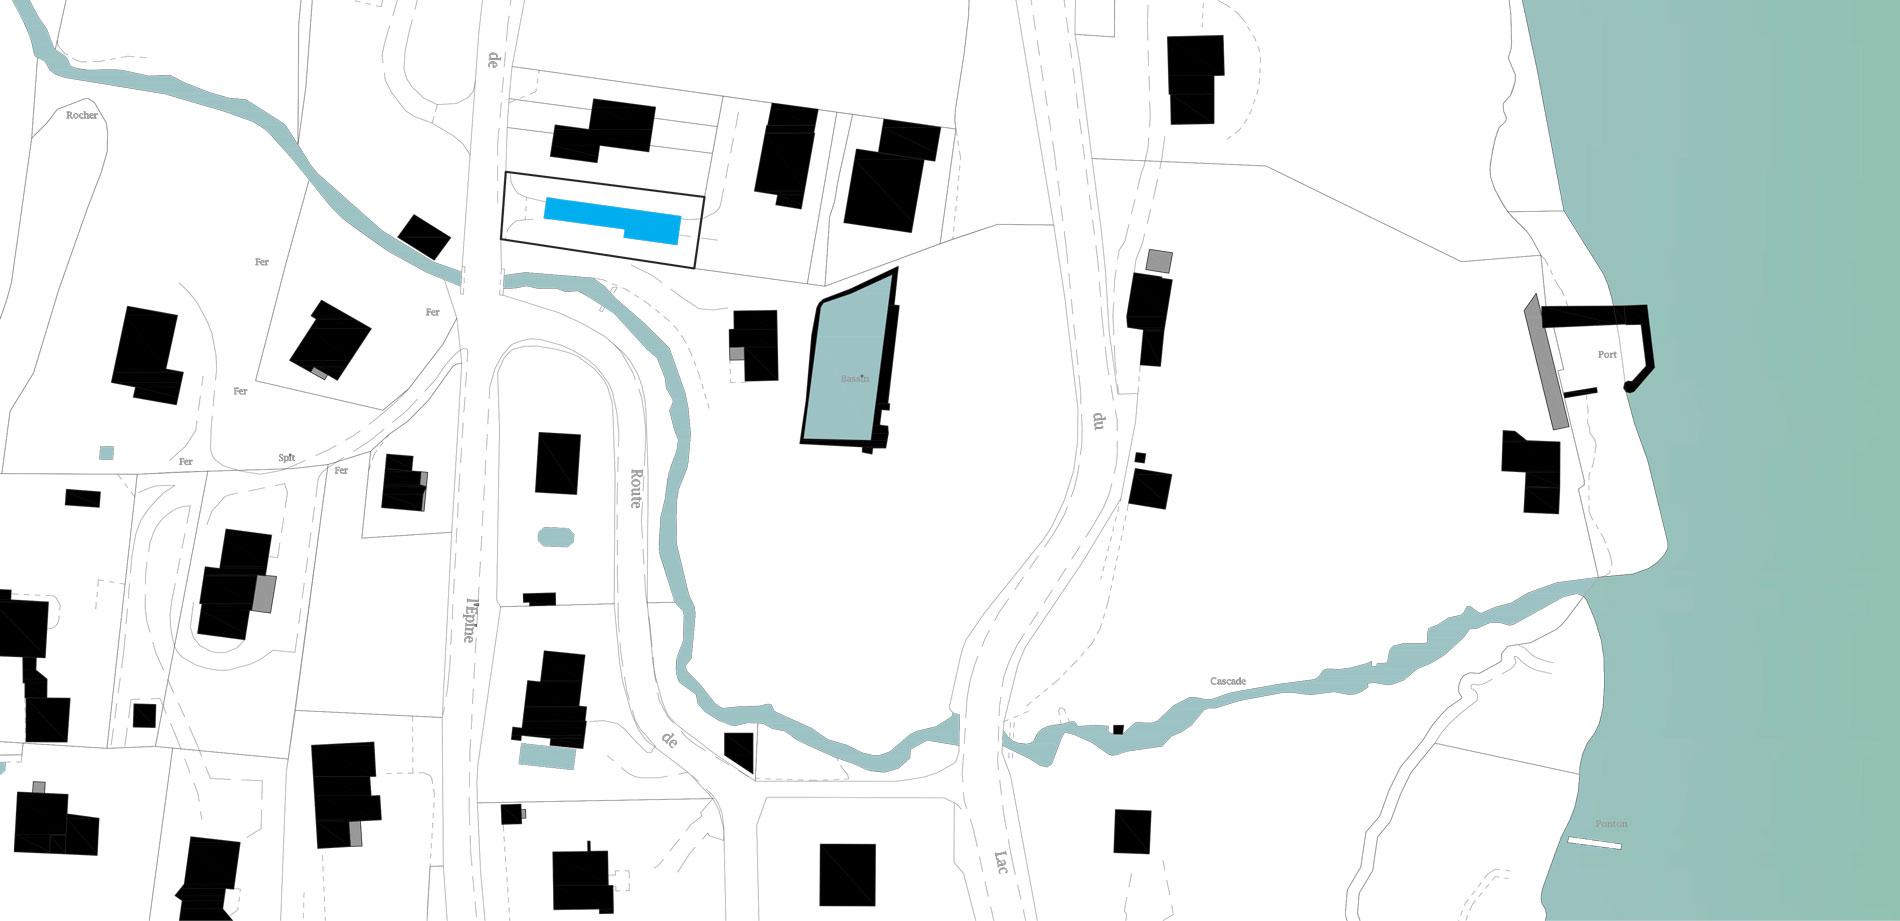 ASB architecte chambery savoie maison ossature bois bourdeau 7